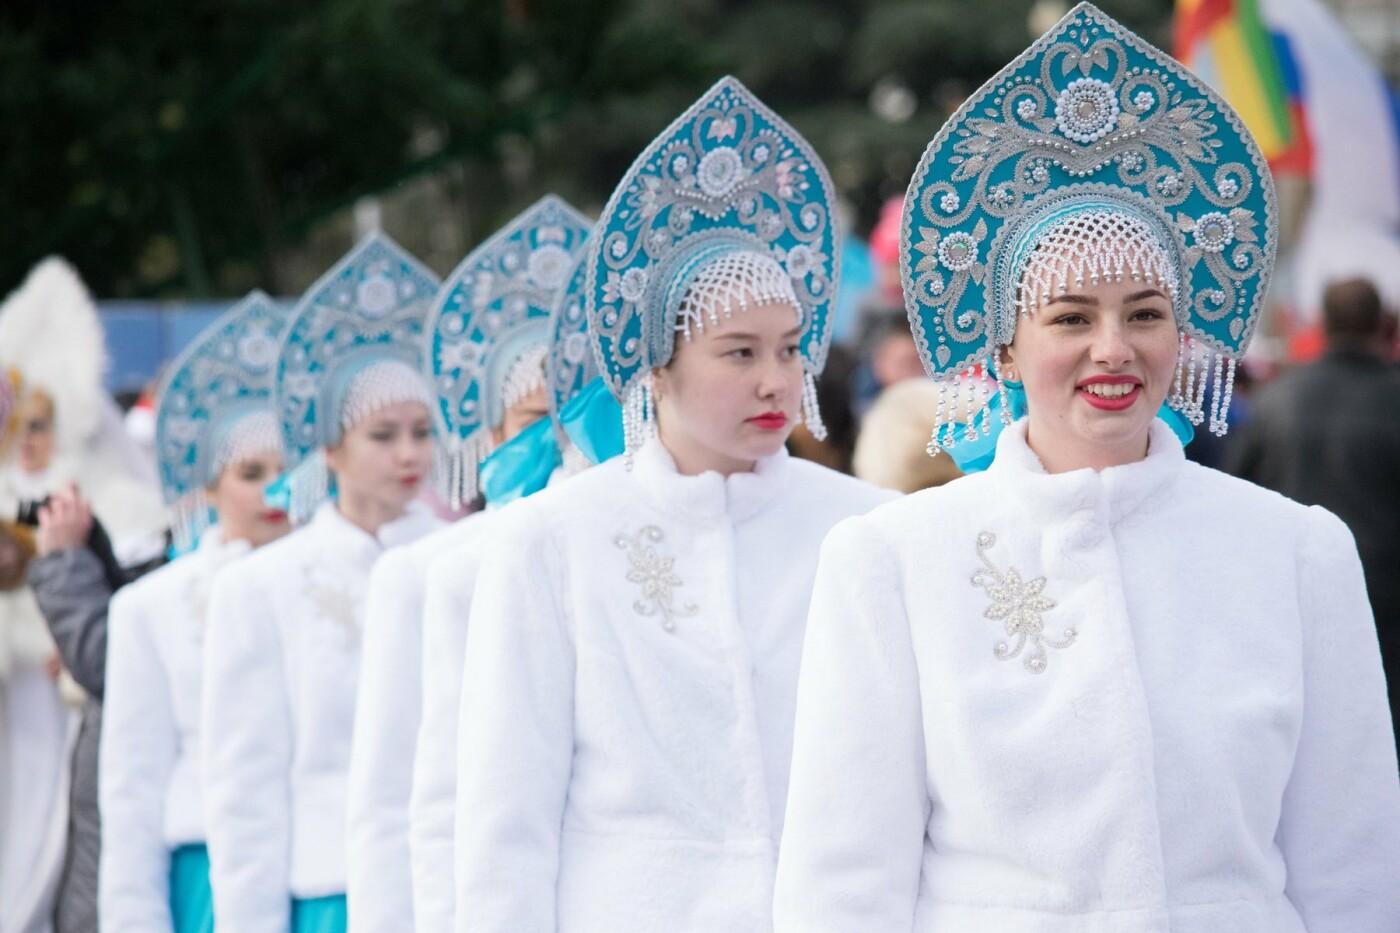 В Ялте почти 800 сказочных персонажей приняли участие в Мороз-параде, фото-2